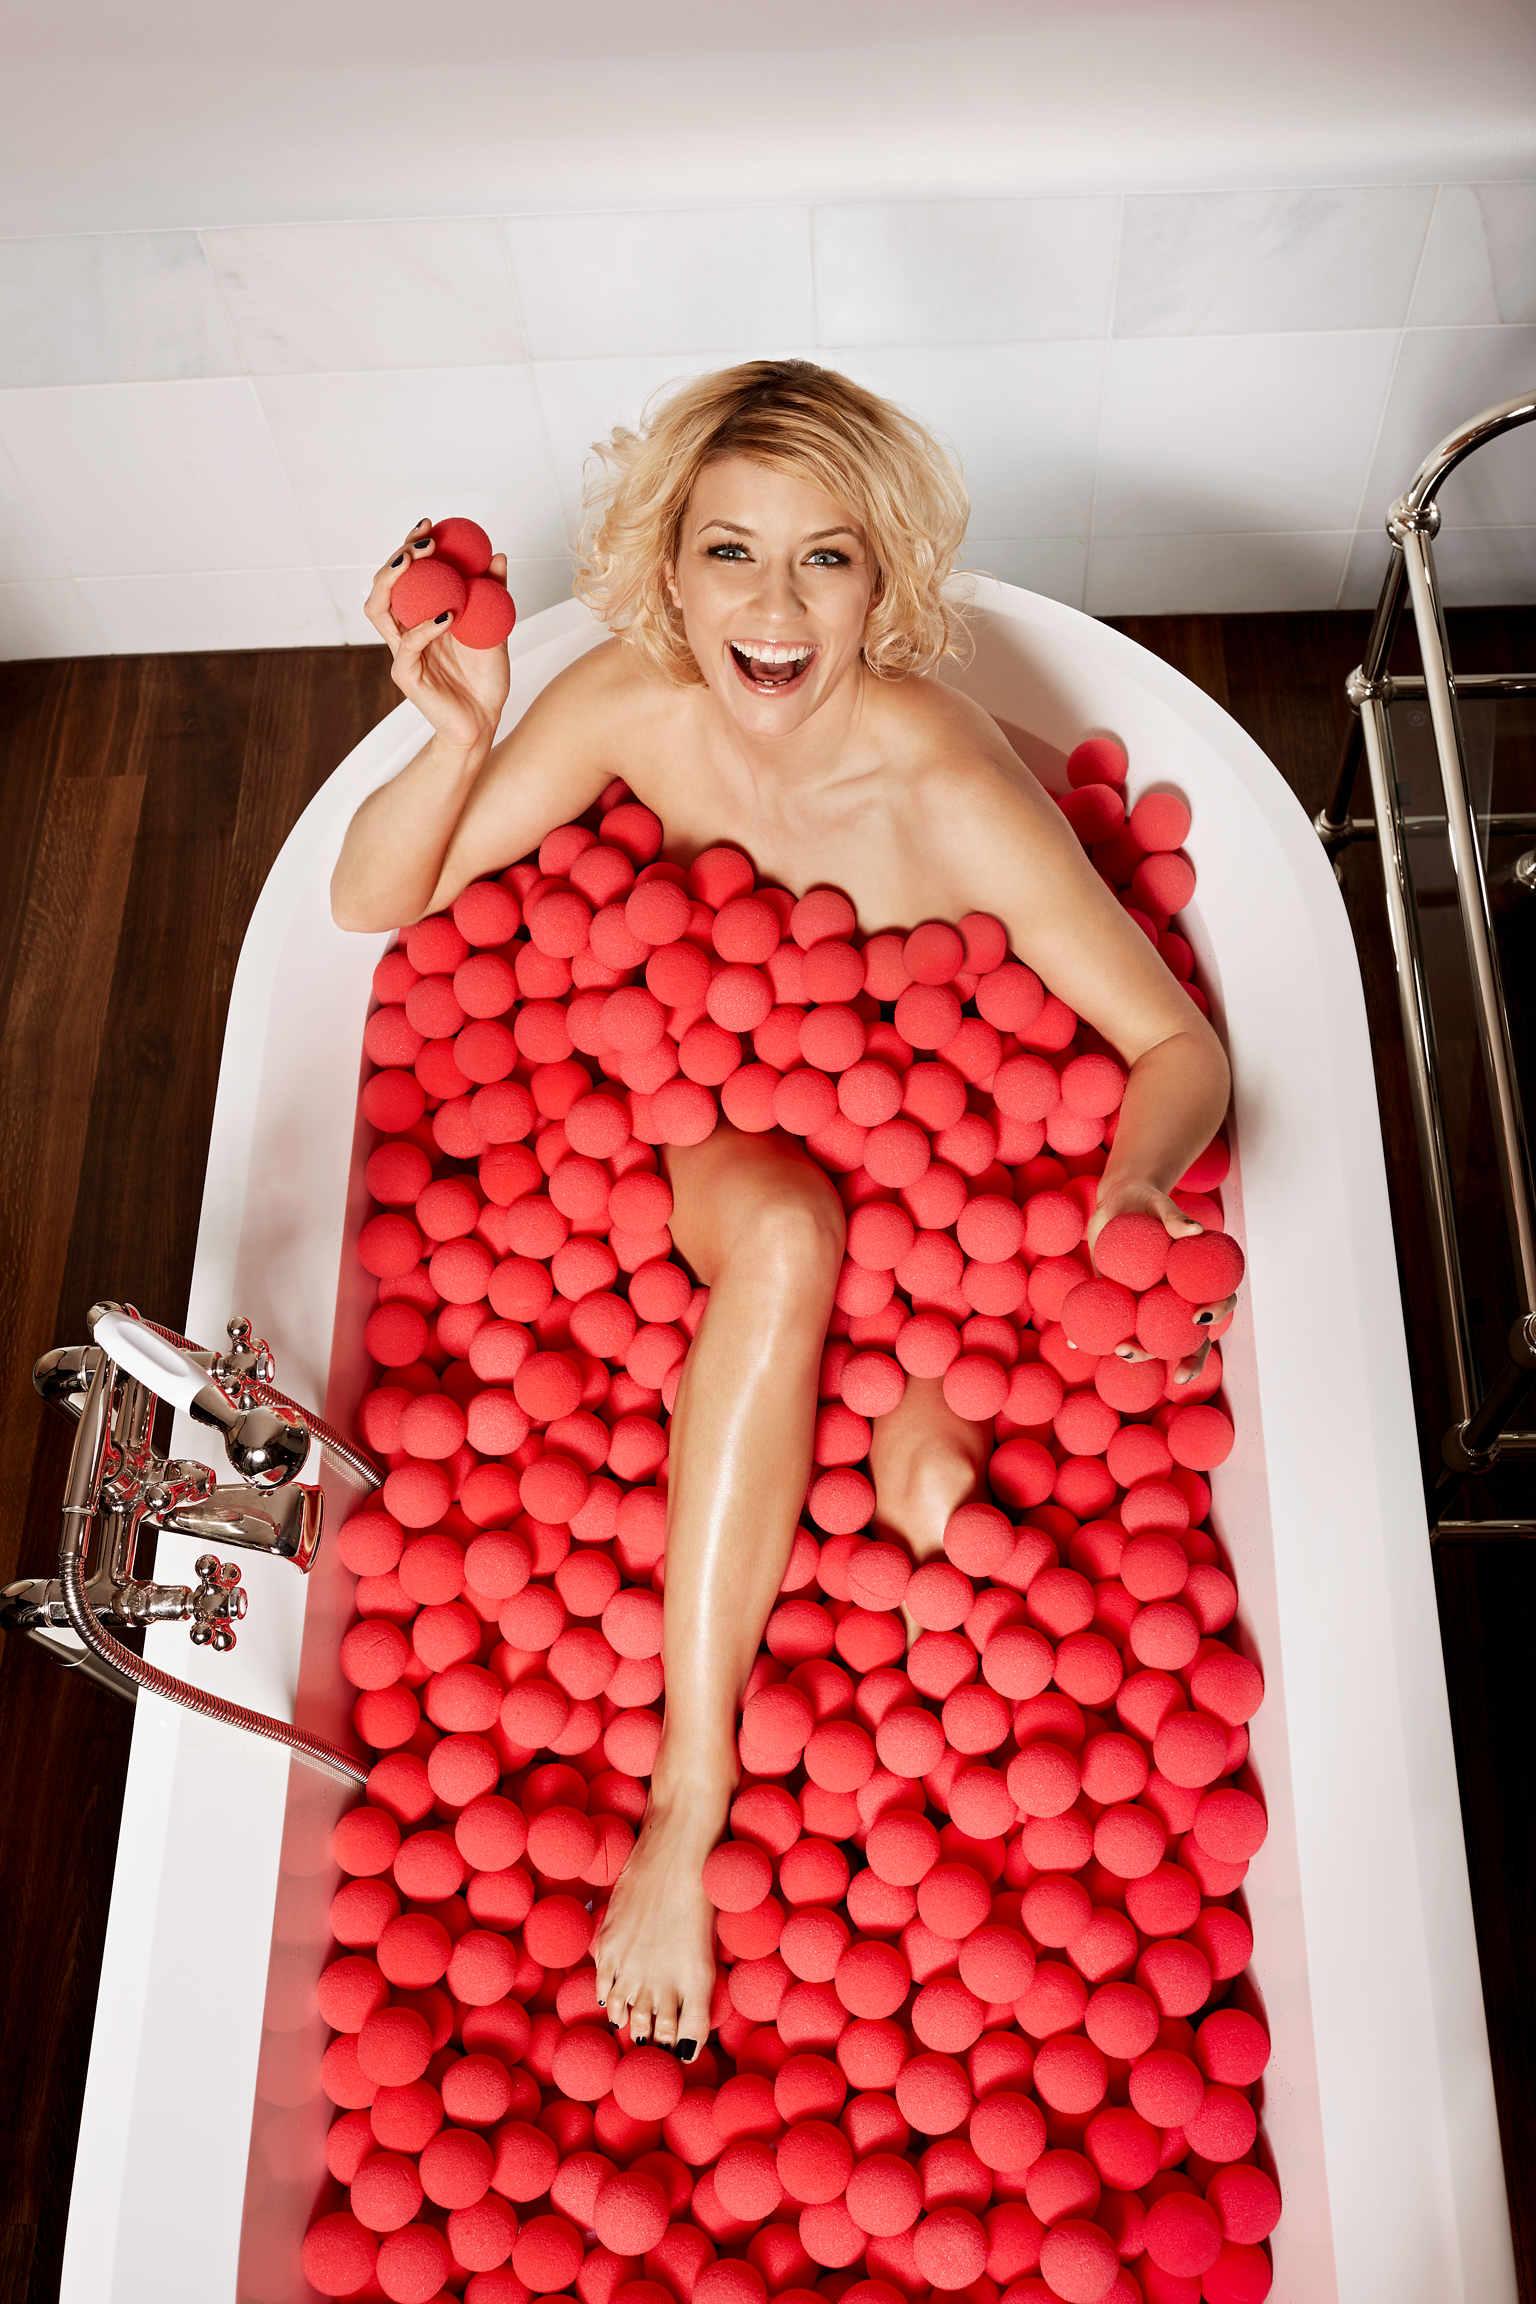 Annica Hansen nackt in einem Meer aus roten Nasen